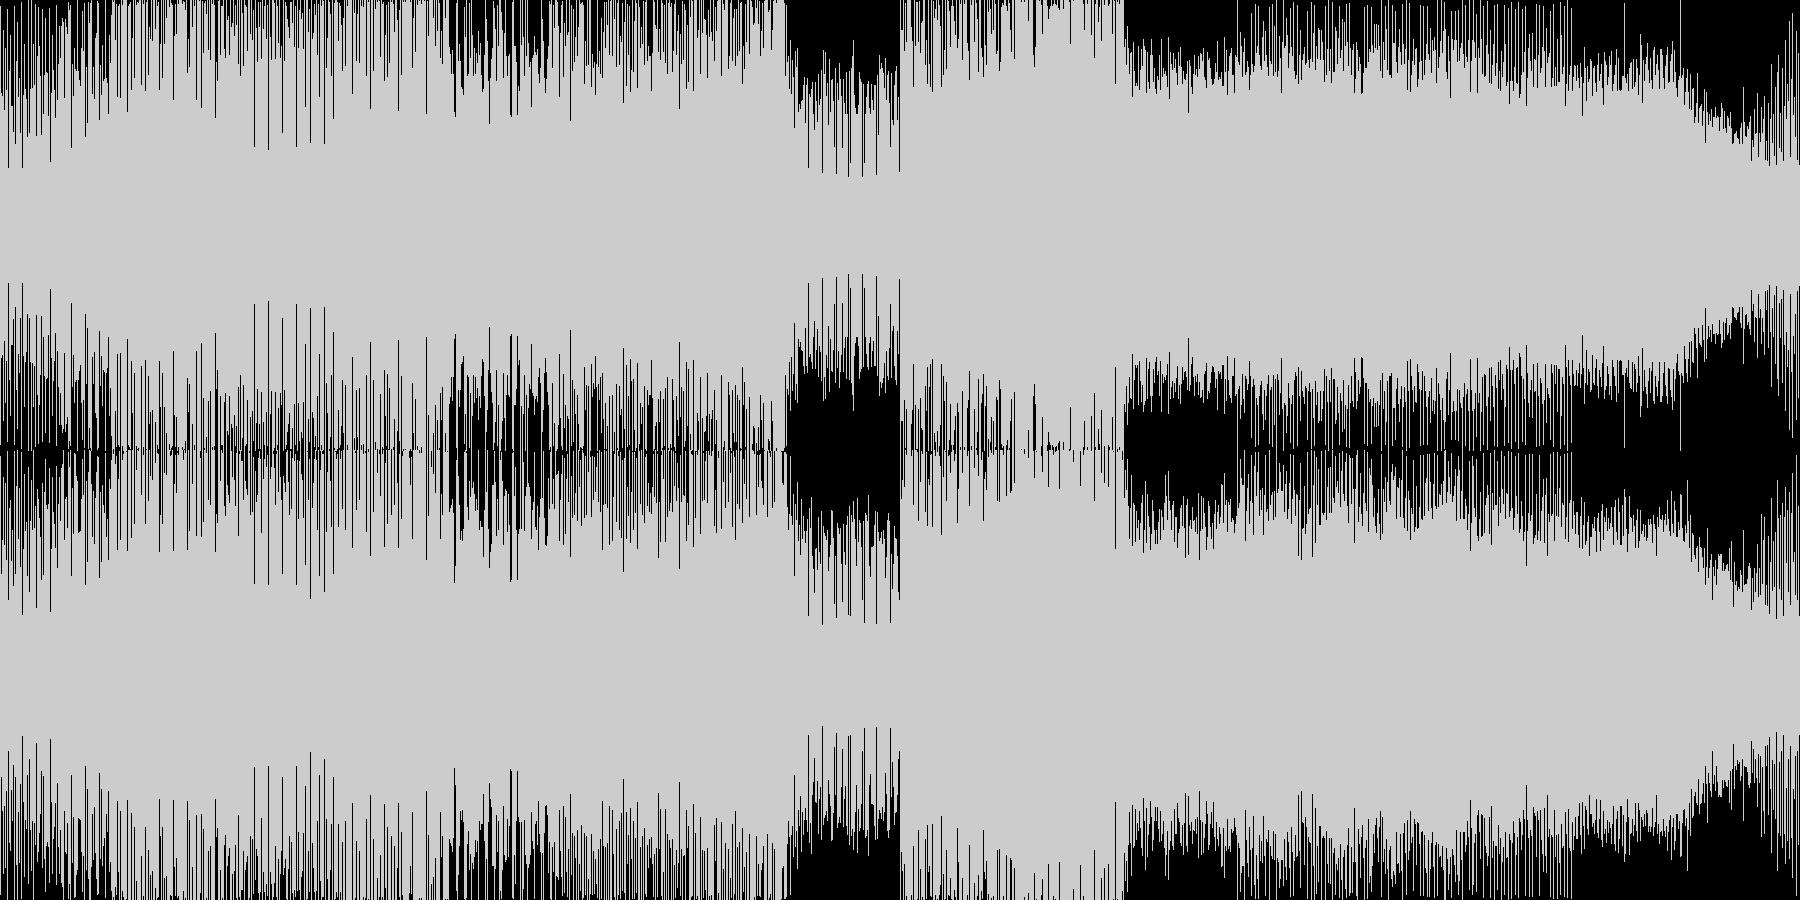 少し早めのエレクトロハウスです。いろい…の未再生の波形